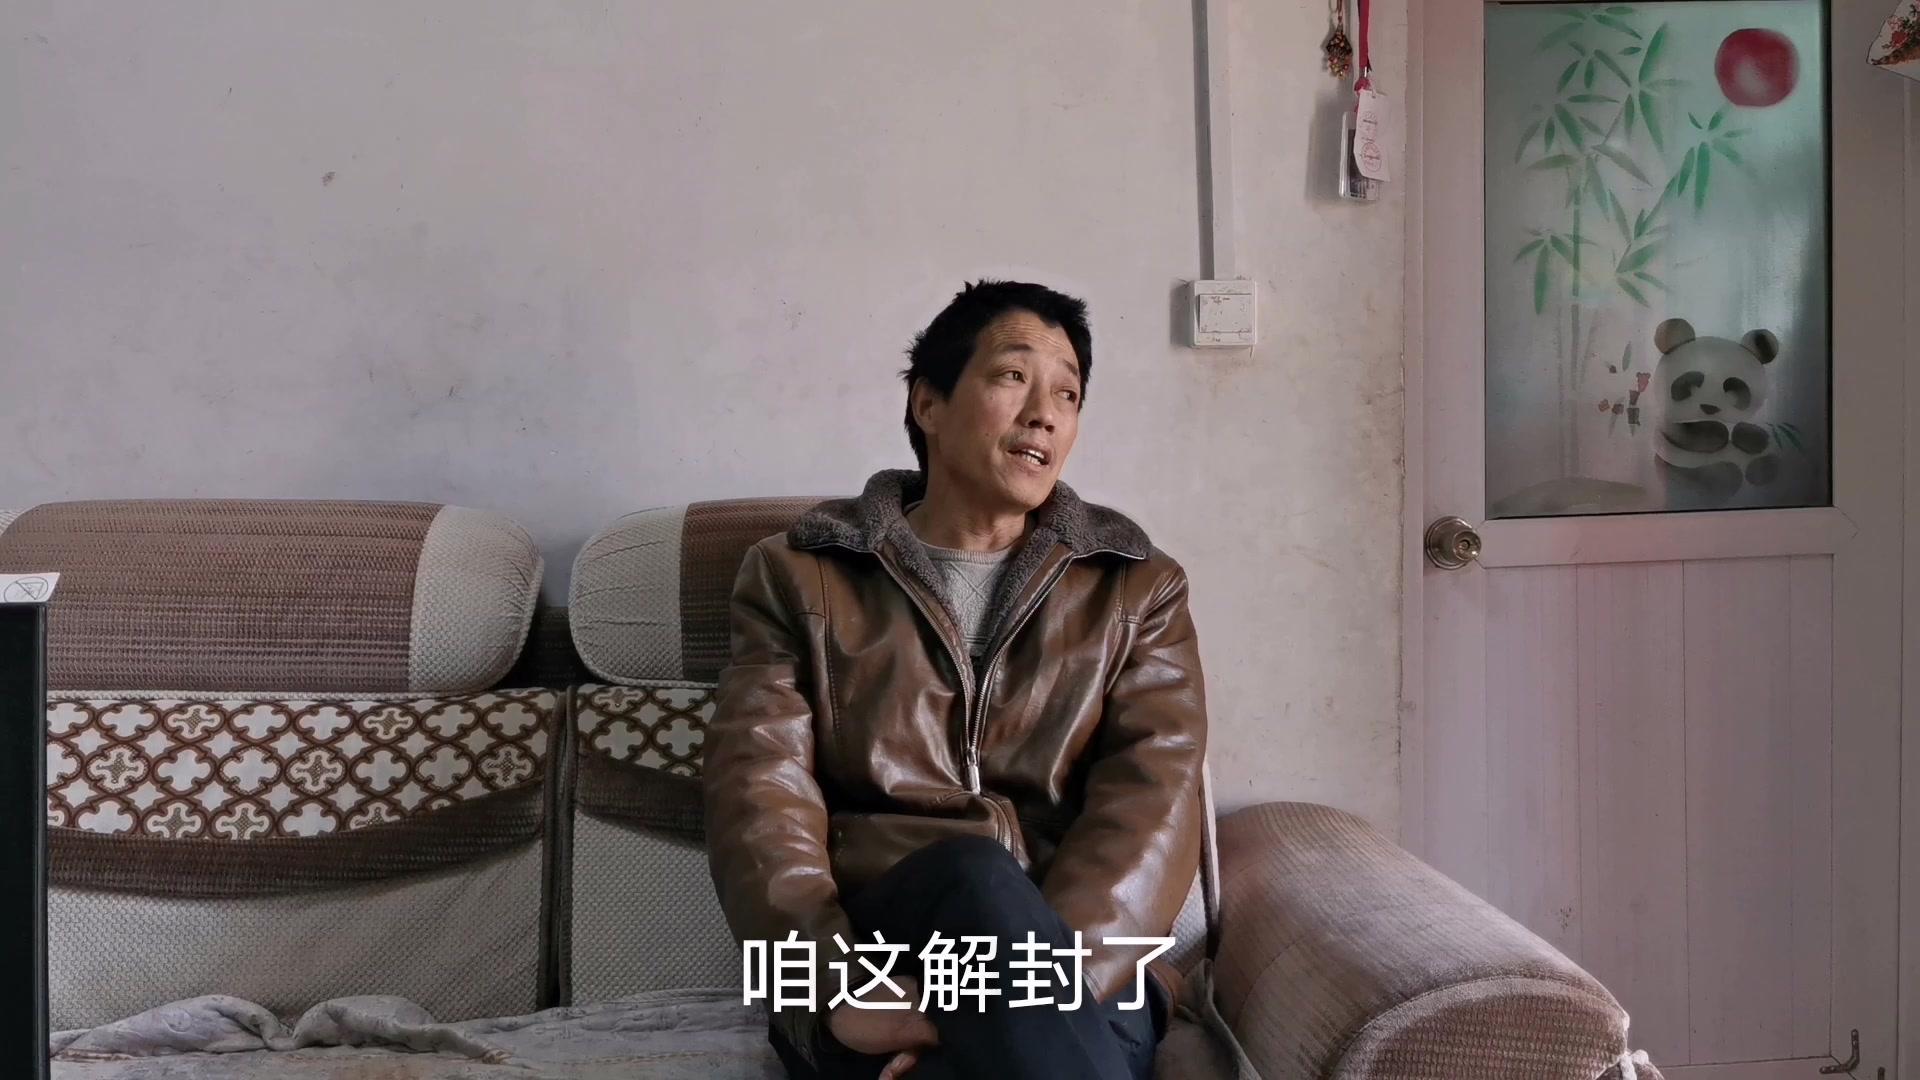 河南南阳农村全面解封,村里为啥无人外出打工,到底是为什么?